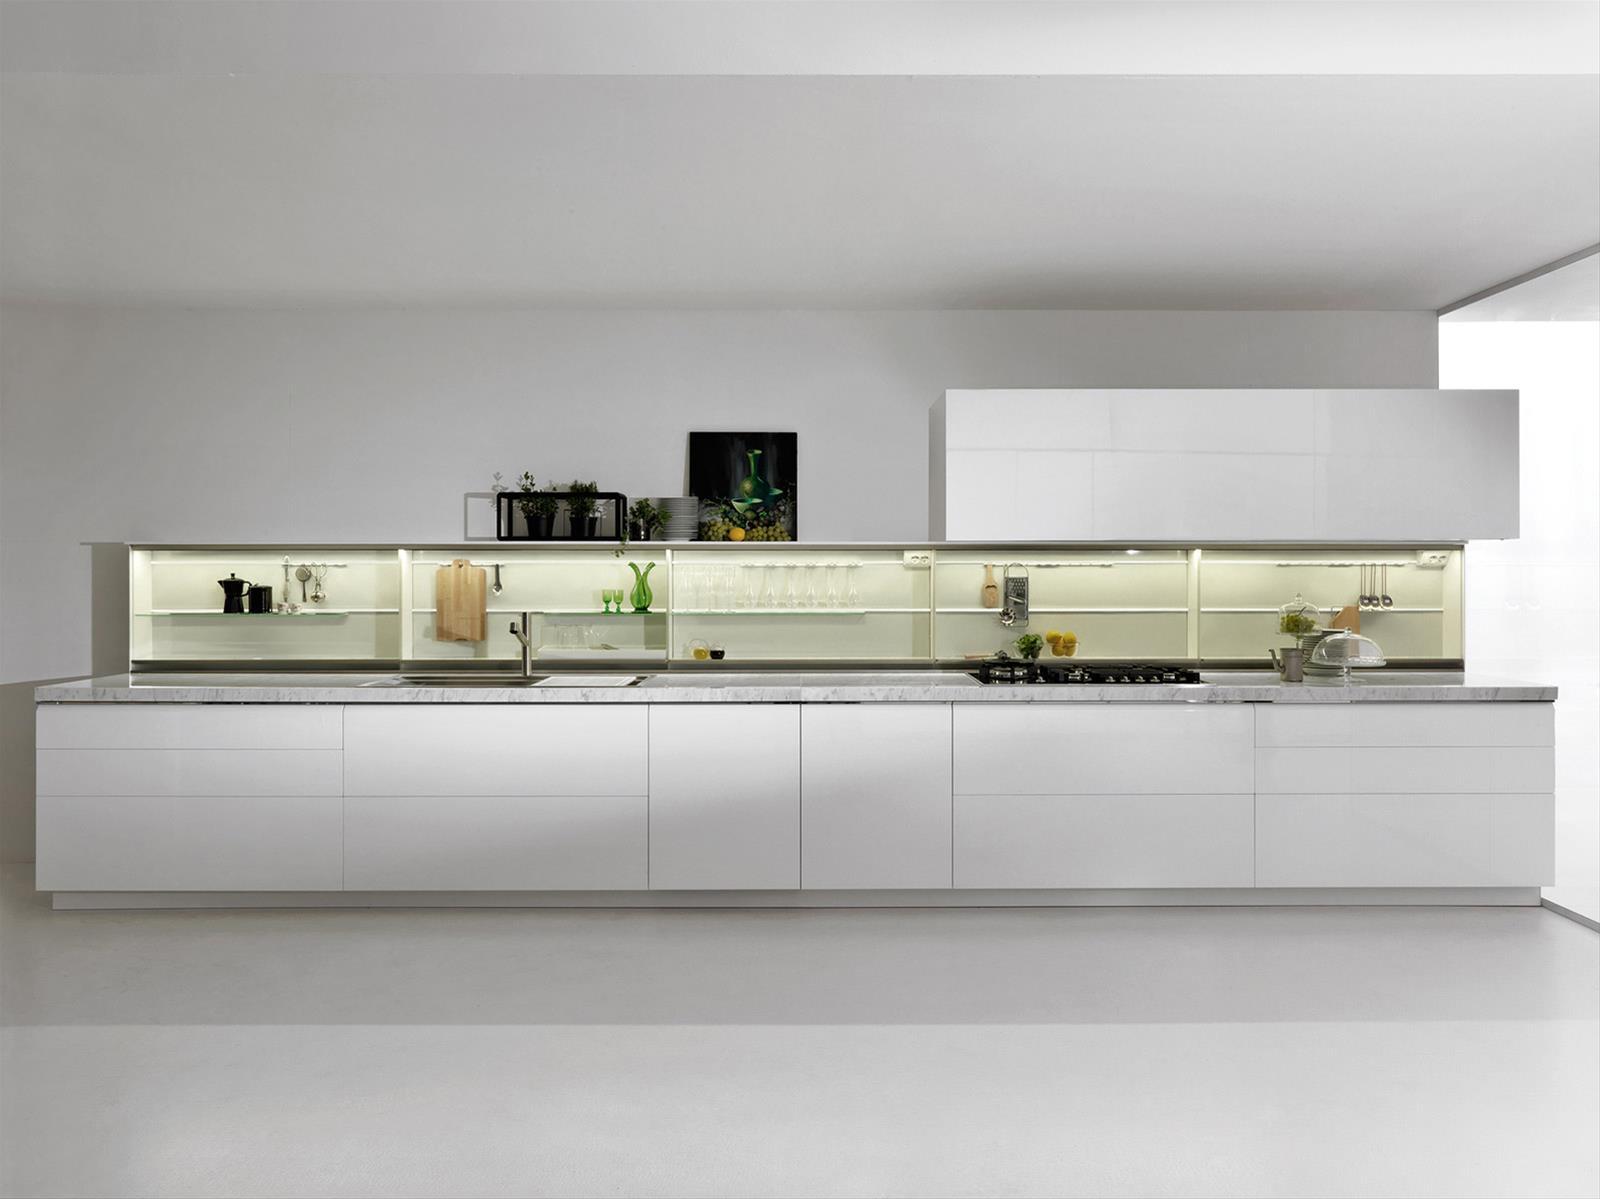 Trim | Dada Cucine | Cucine Tecnologiche Dante Bonuccelli